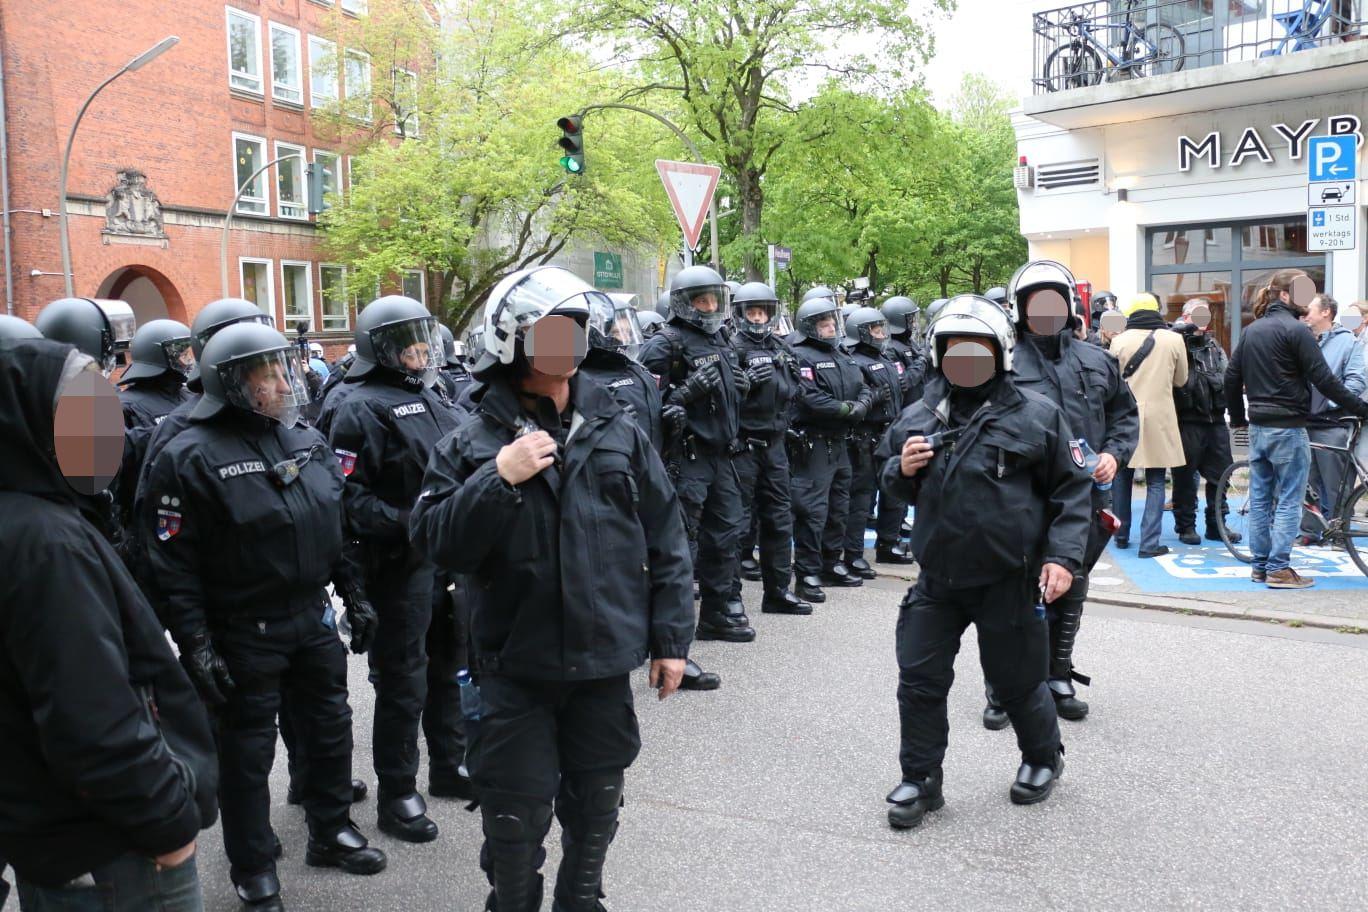 Die Polizei stoppt die Demonstranten, da Böller gezündet wurden. Foto: Niklas Heiden